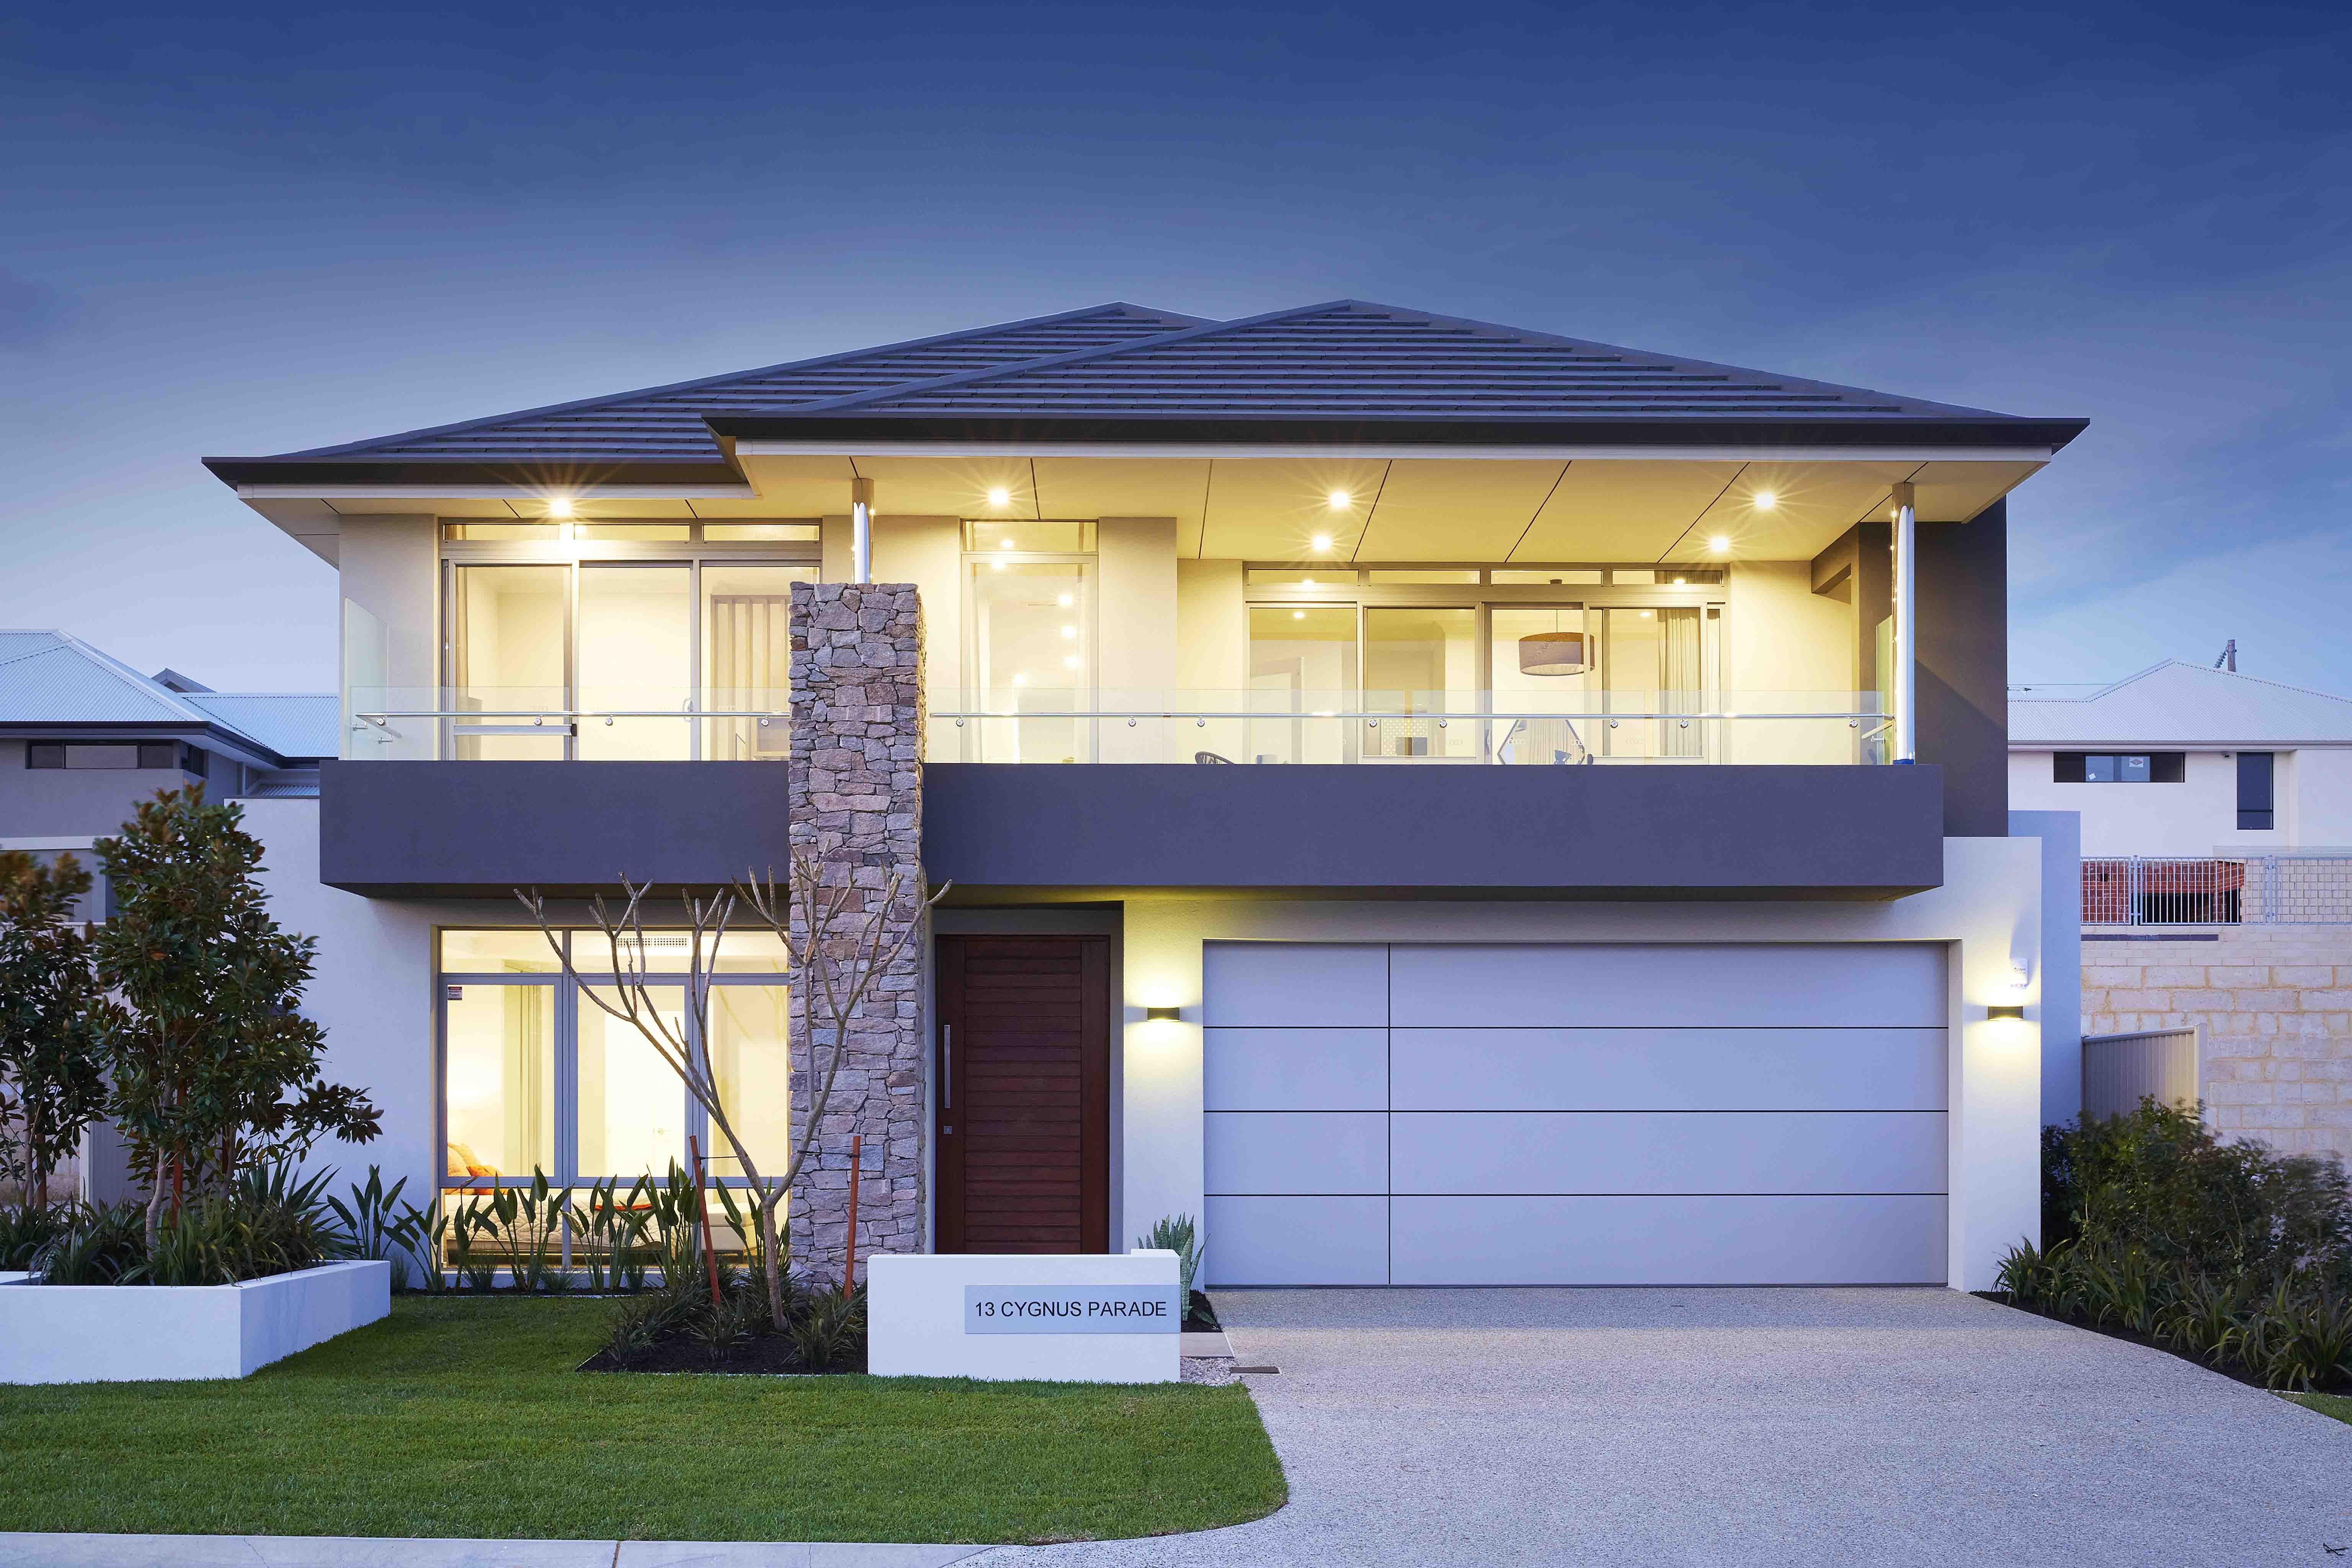 The 2014 Apealathon home in Manning featured the aluminium composite door by Garage Door Industries.